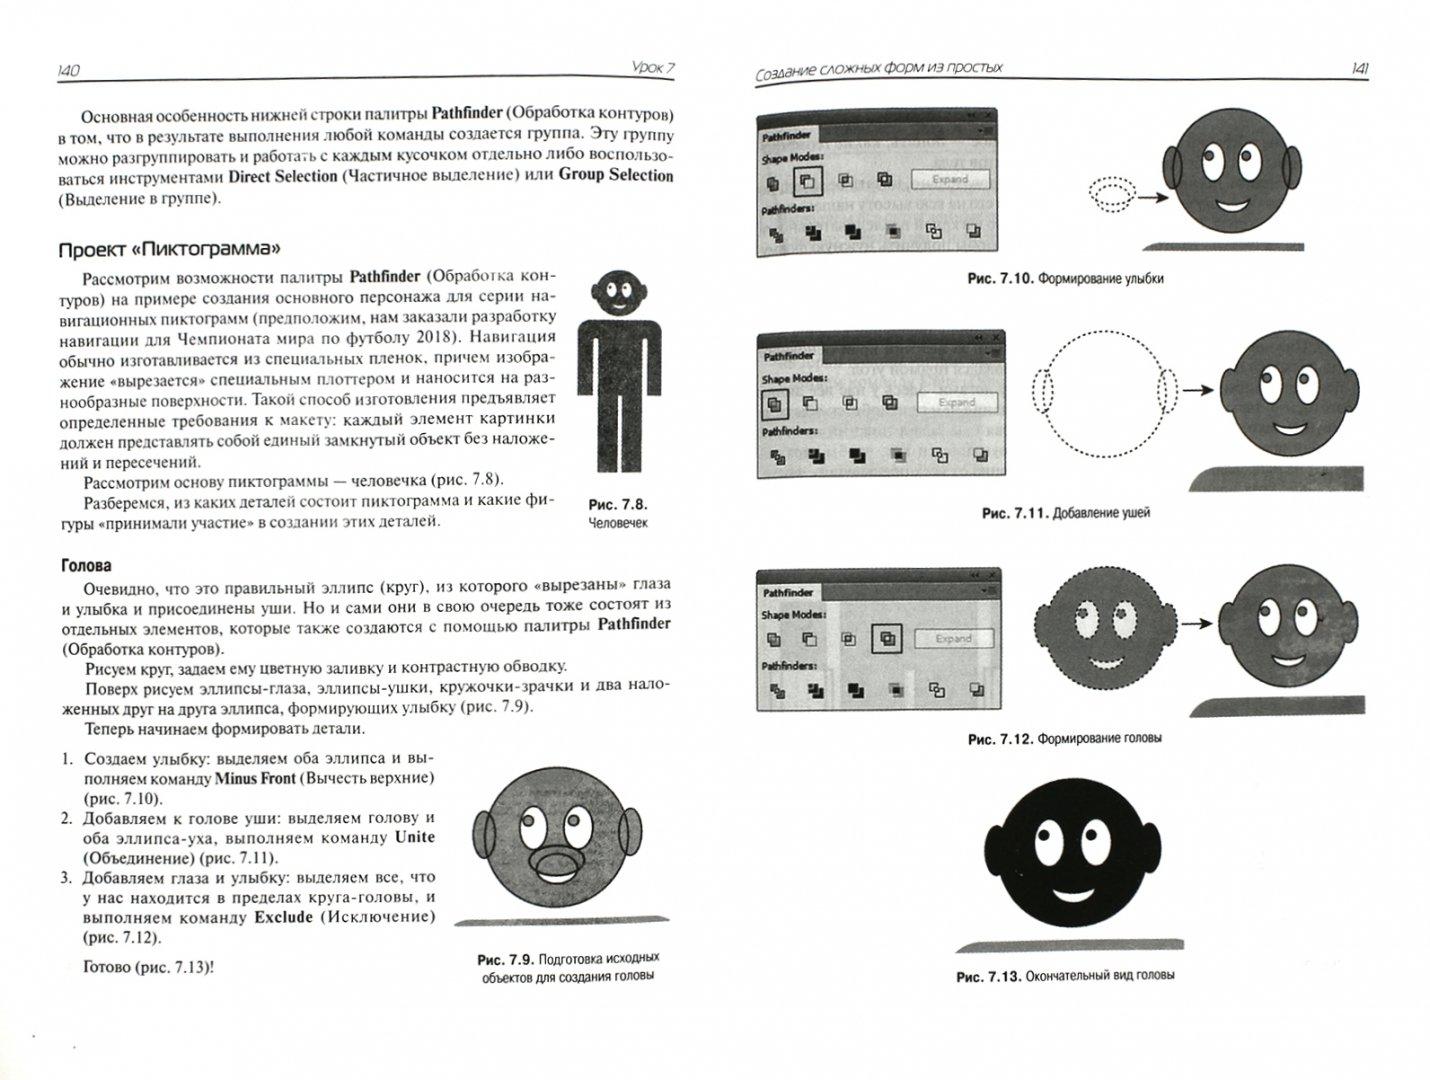 Иллюстрация 1 из 3 для Самоучитель Adobe Illustrator CS6 - Евгения Тучкевич | Лабиринт - книги. Источник: Лабиринт